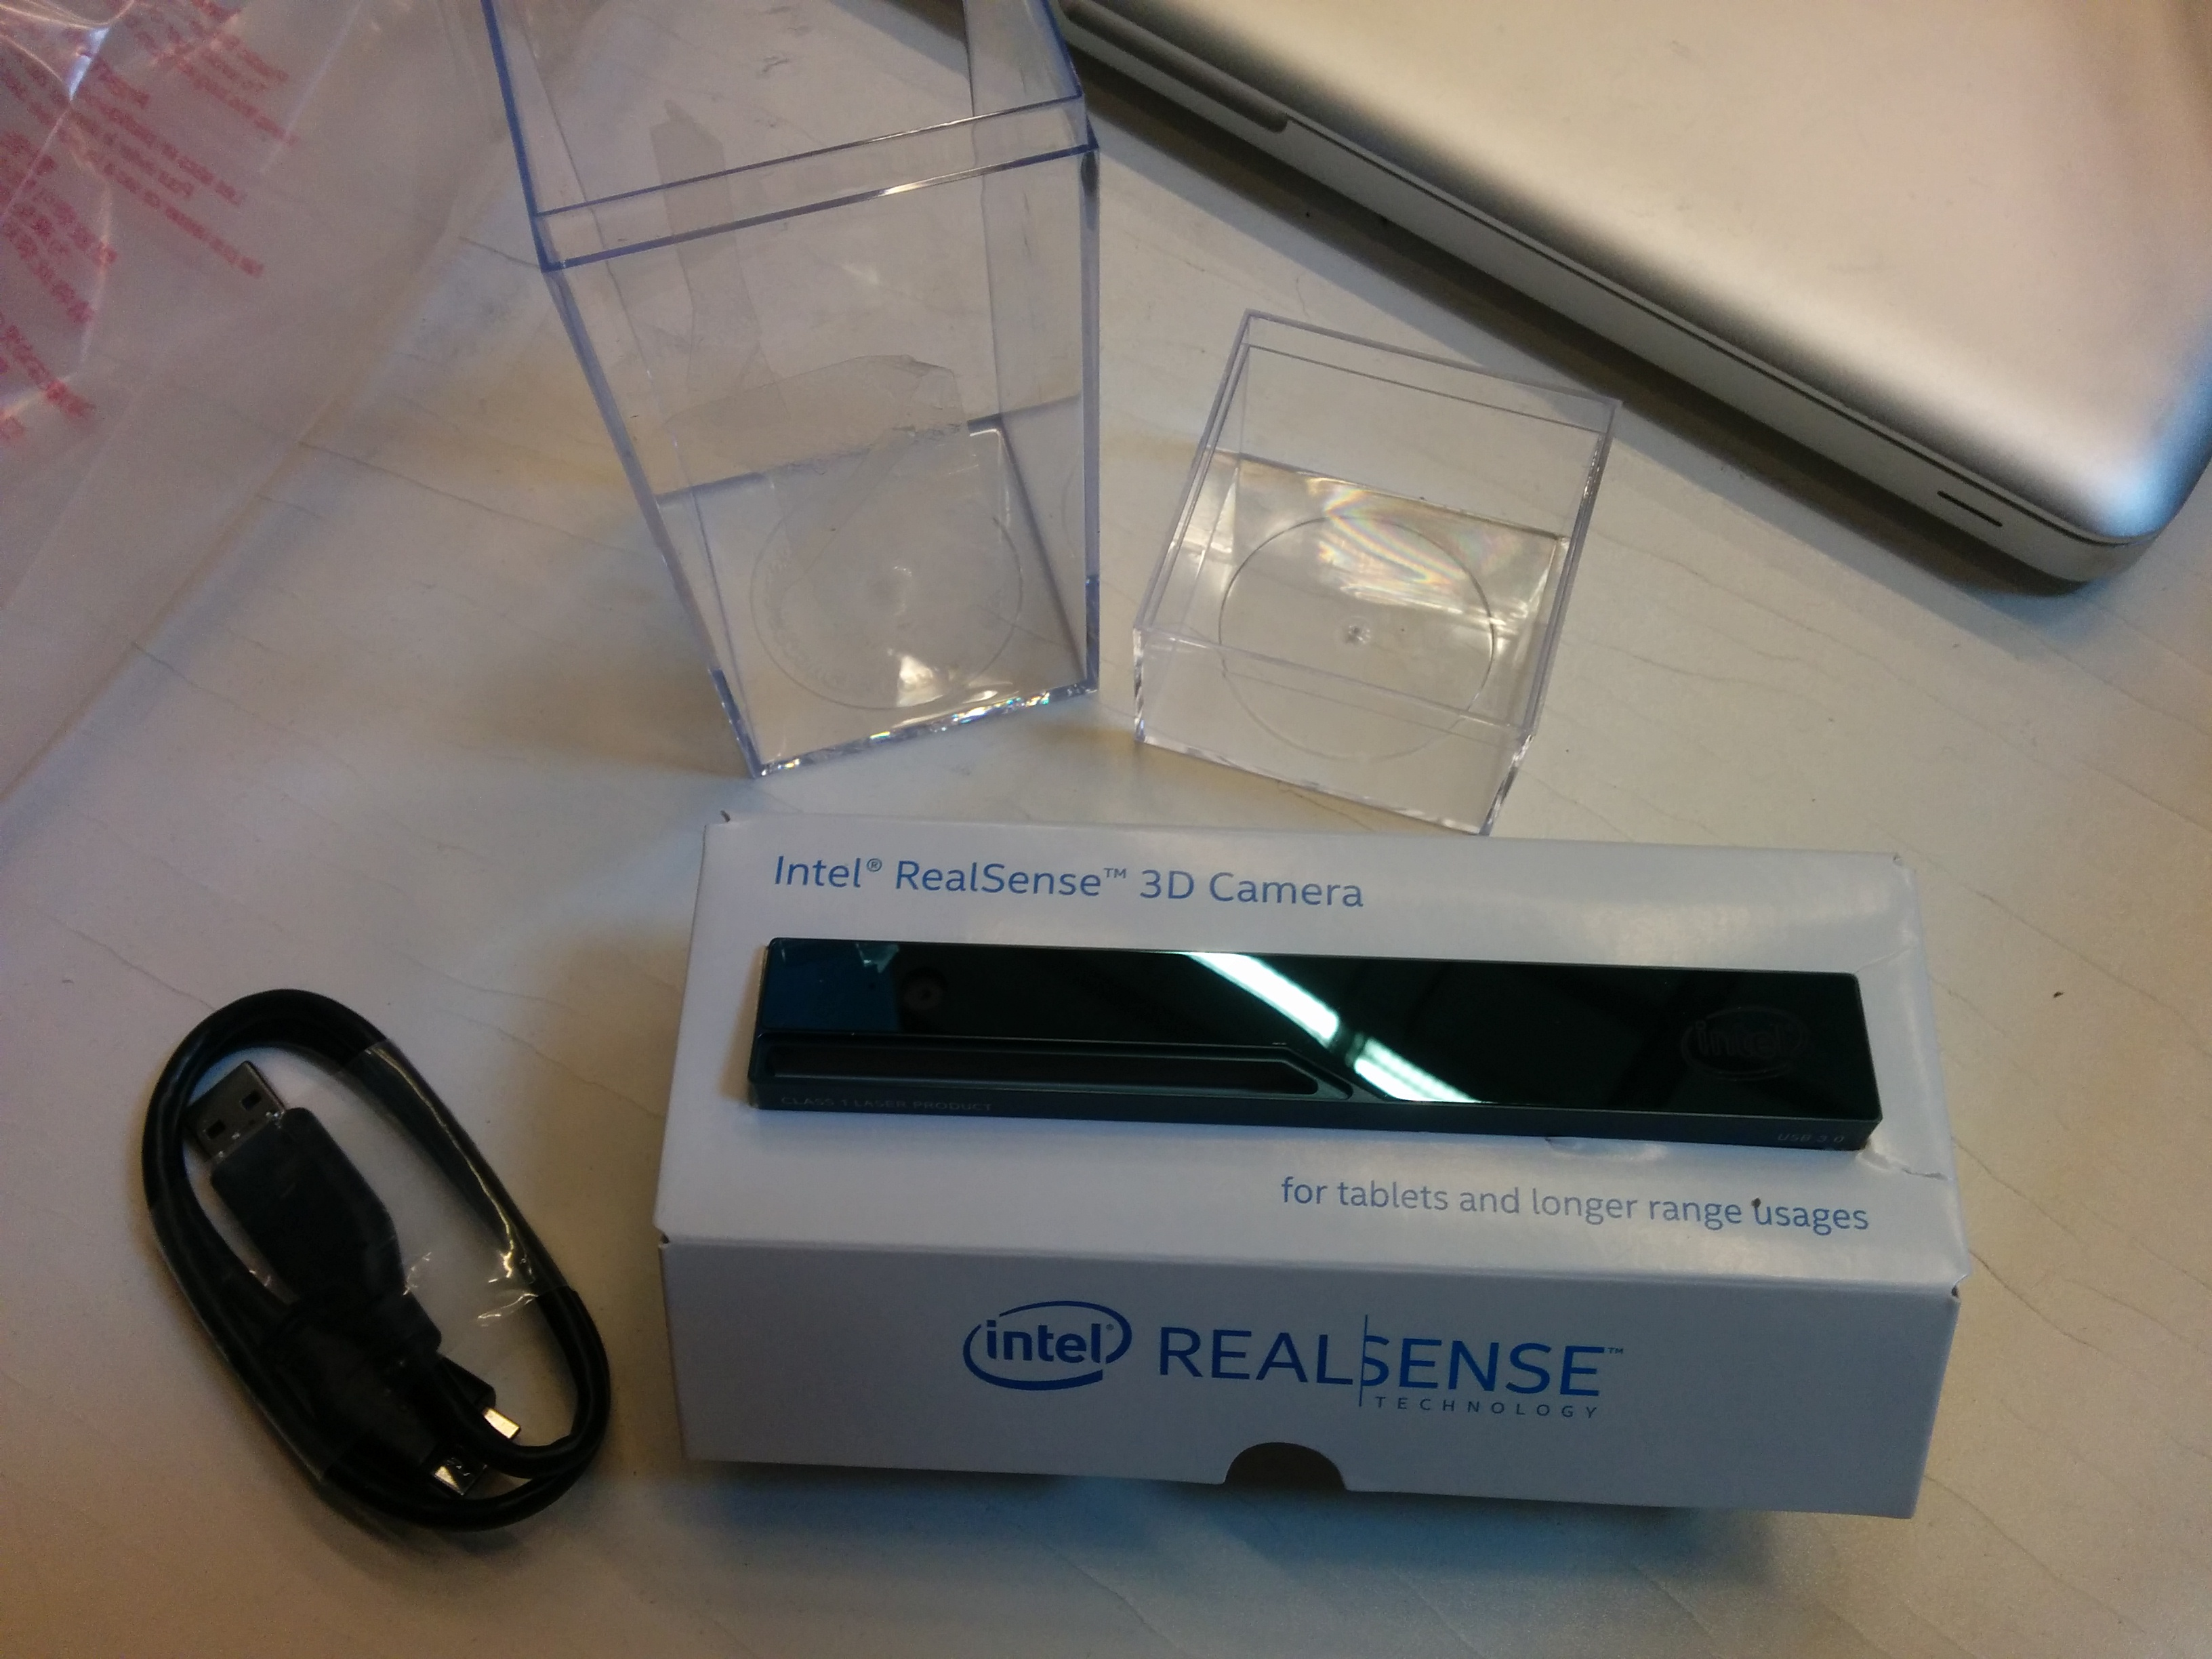 R200 sensor in its box